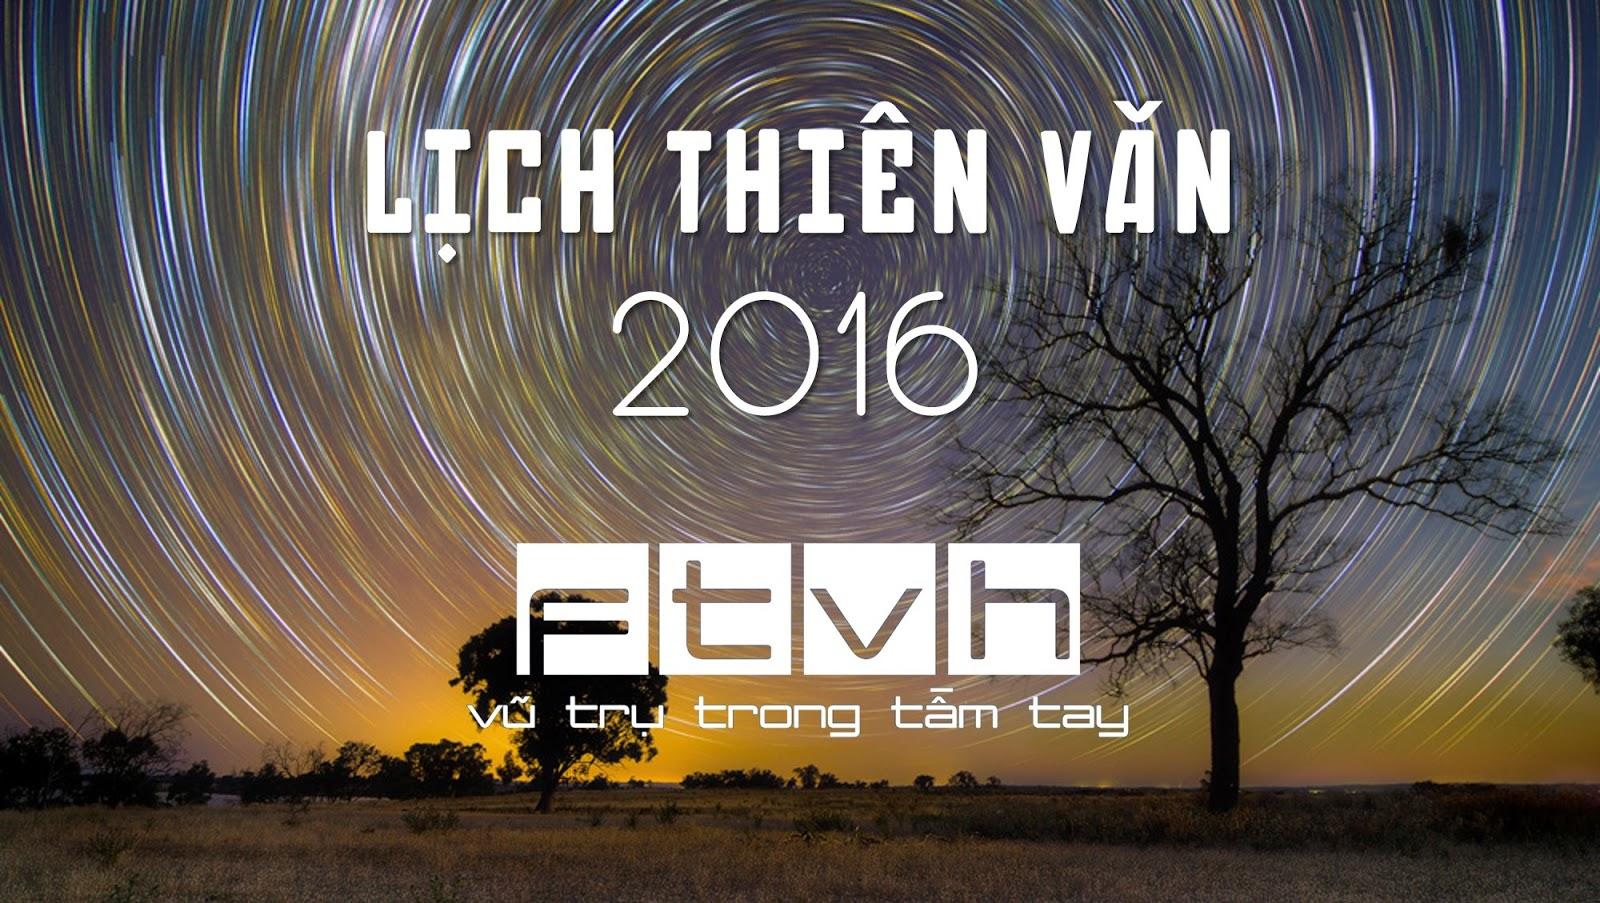 Lịch thiên văn năm 2016 bởi Ftvh - Vũ trụ trong tầm tay.